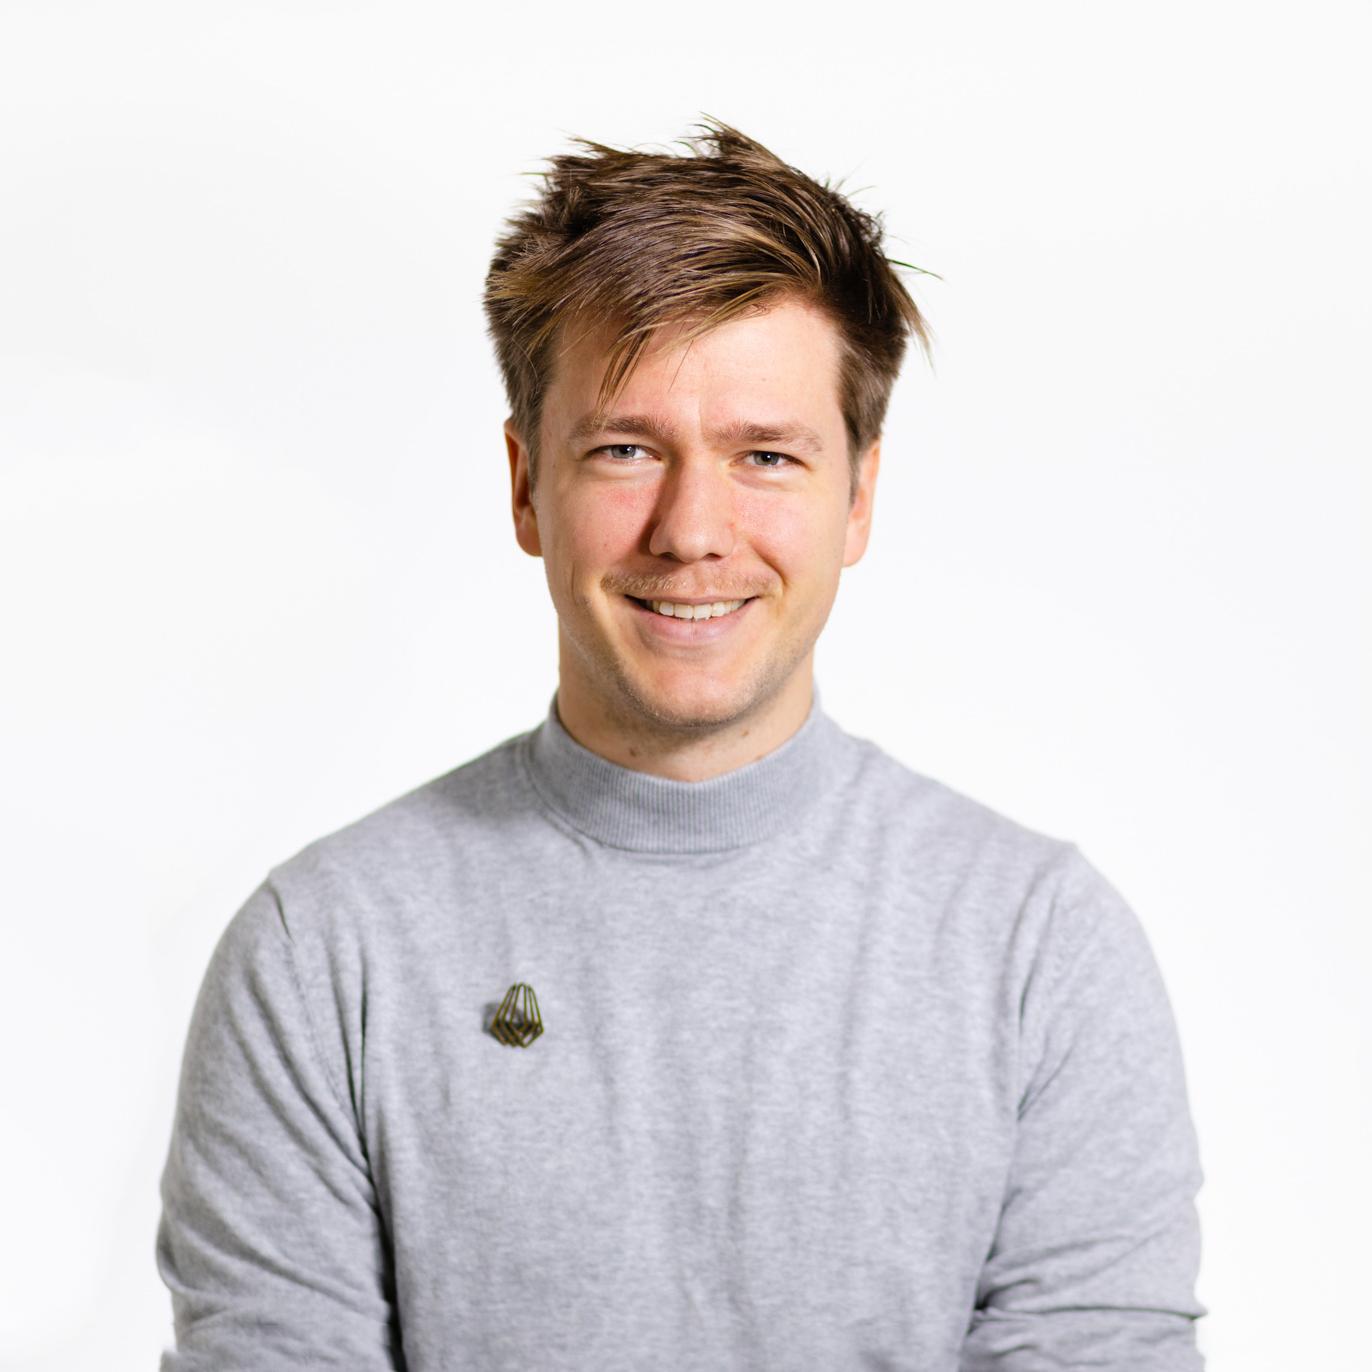 Lucas Van den Elshout